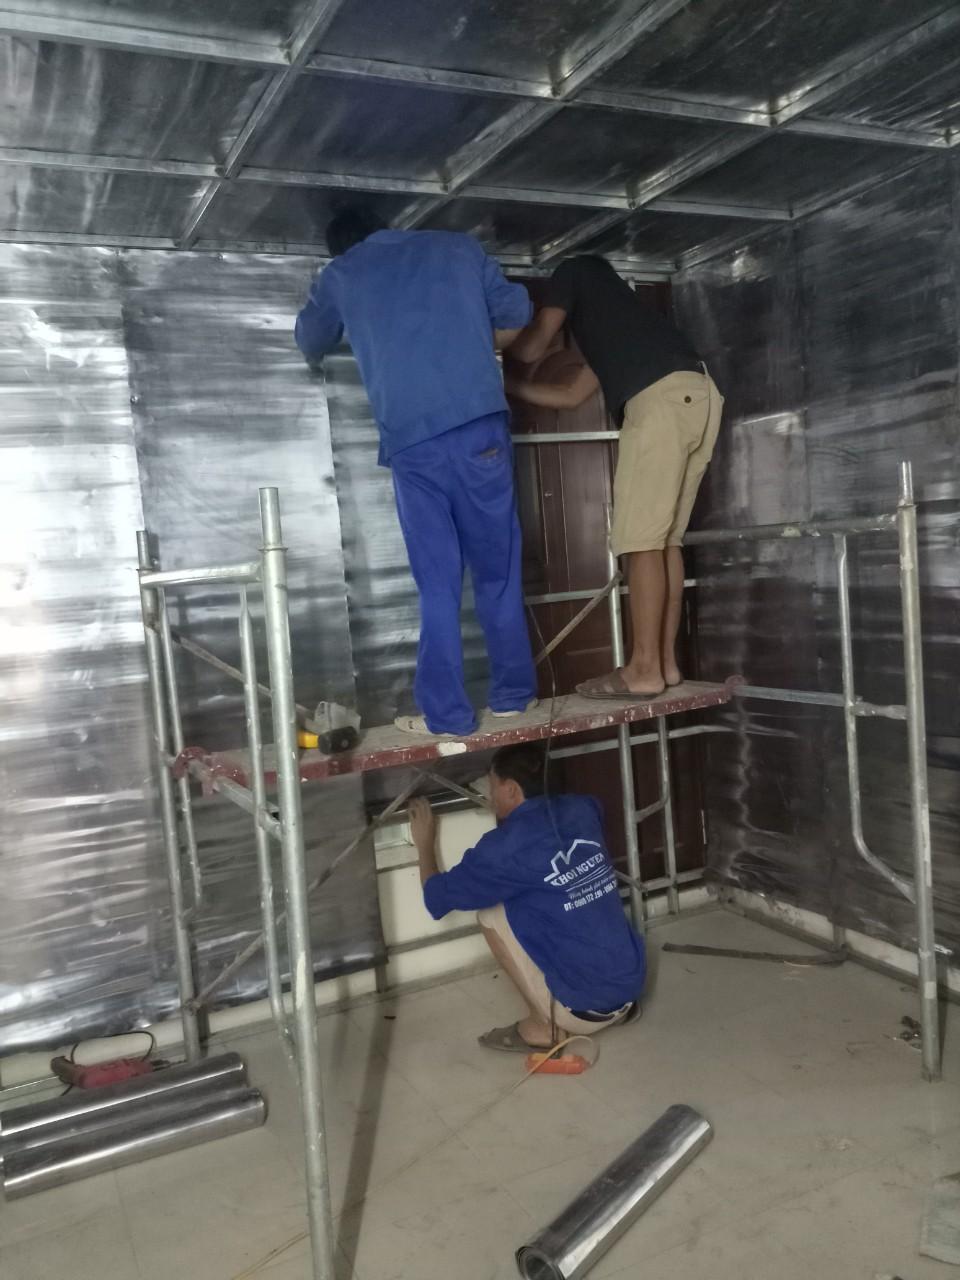 Thi công ốp chì tấm 2mm cho phòng CT – Scanner Cone Beam tại Vũ Ngọc Phan